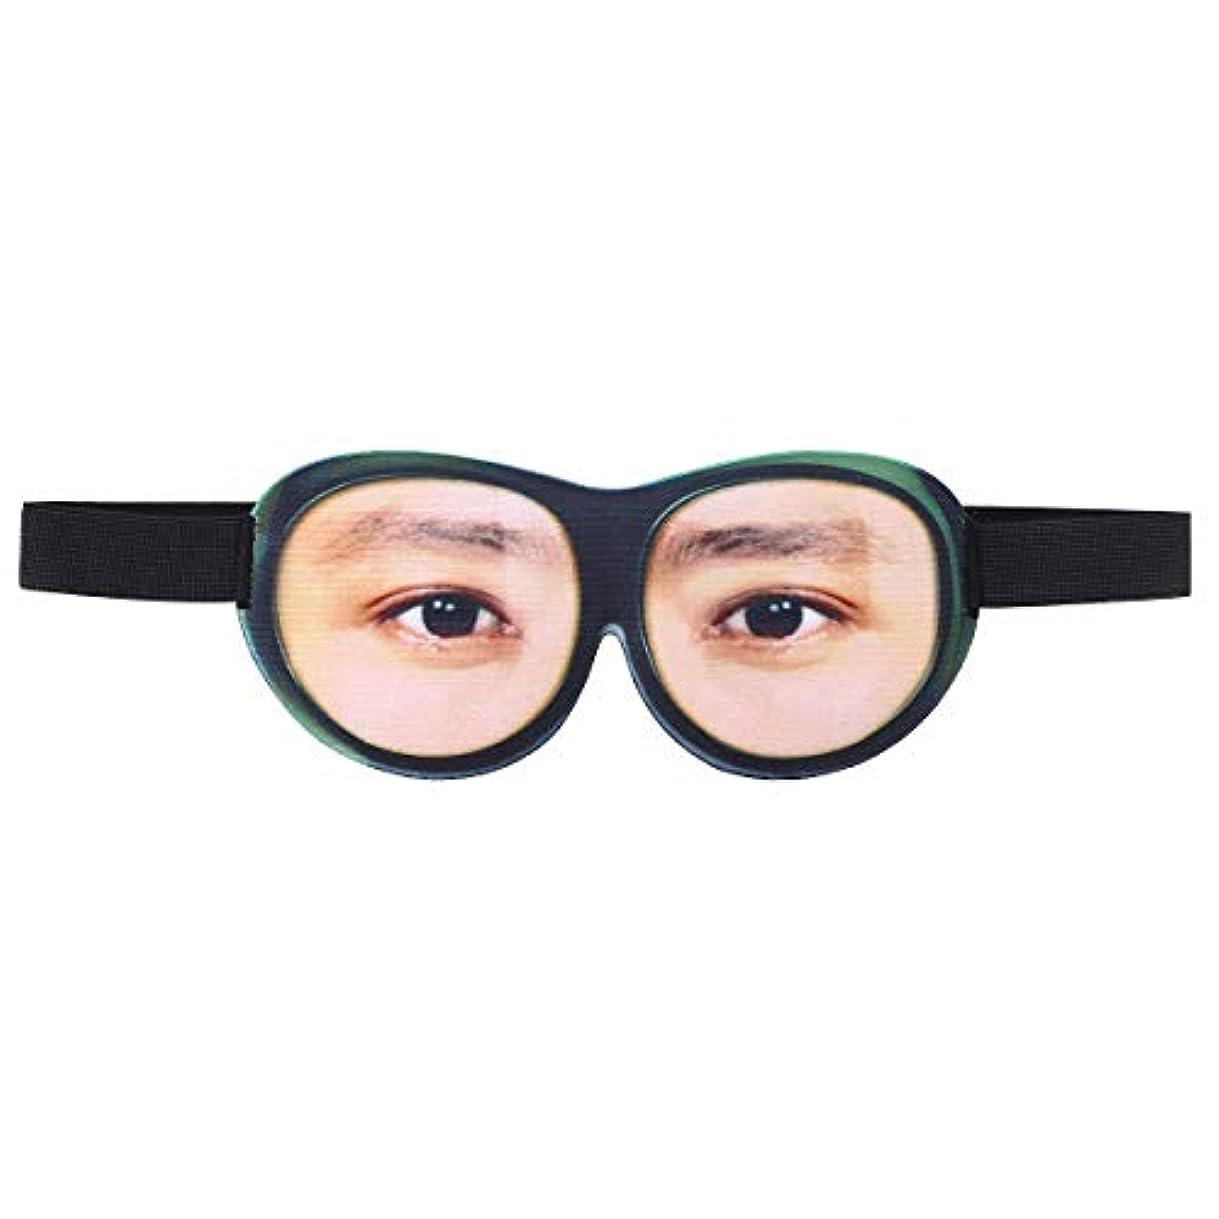 想像力忘れっぽい中央値SUPVOX 男性と女性のための3D面白い睡眠マスク通気性目隠しアイマスク旅行睡眠マスク